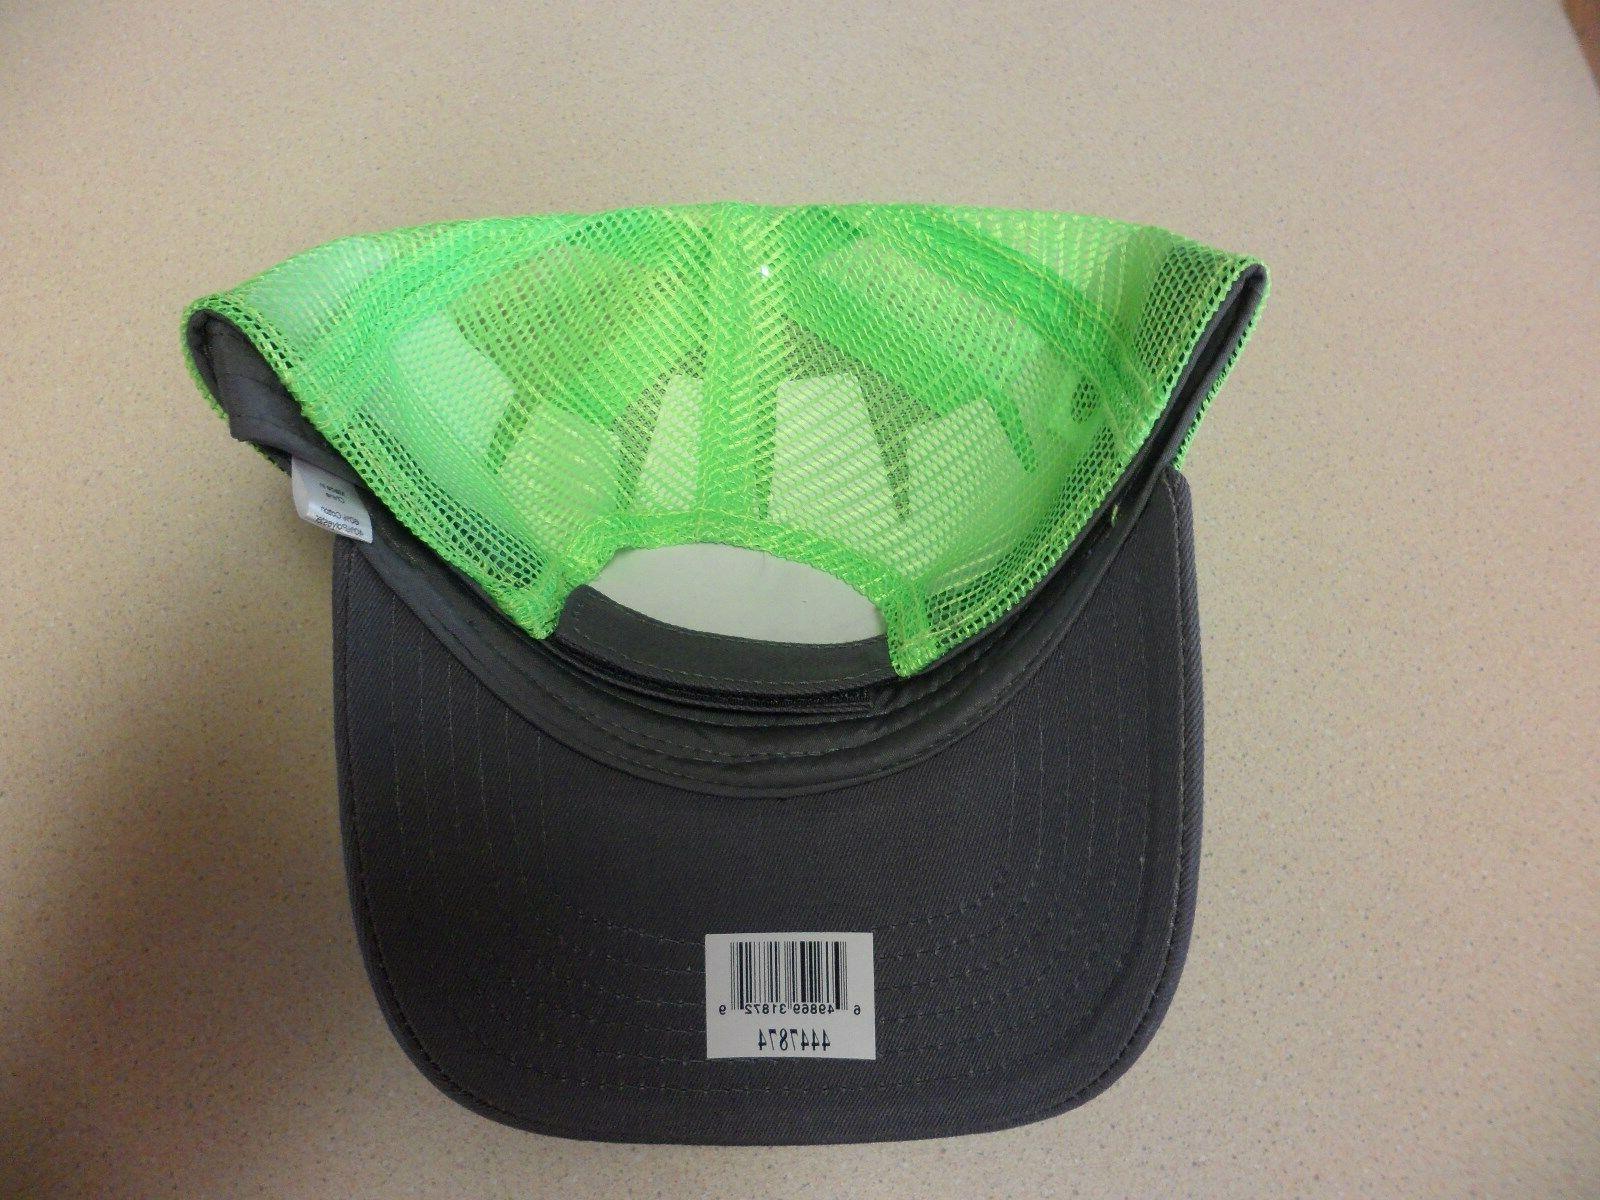 Caterpillar Charcoal Green & mesh Ballcap